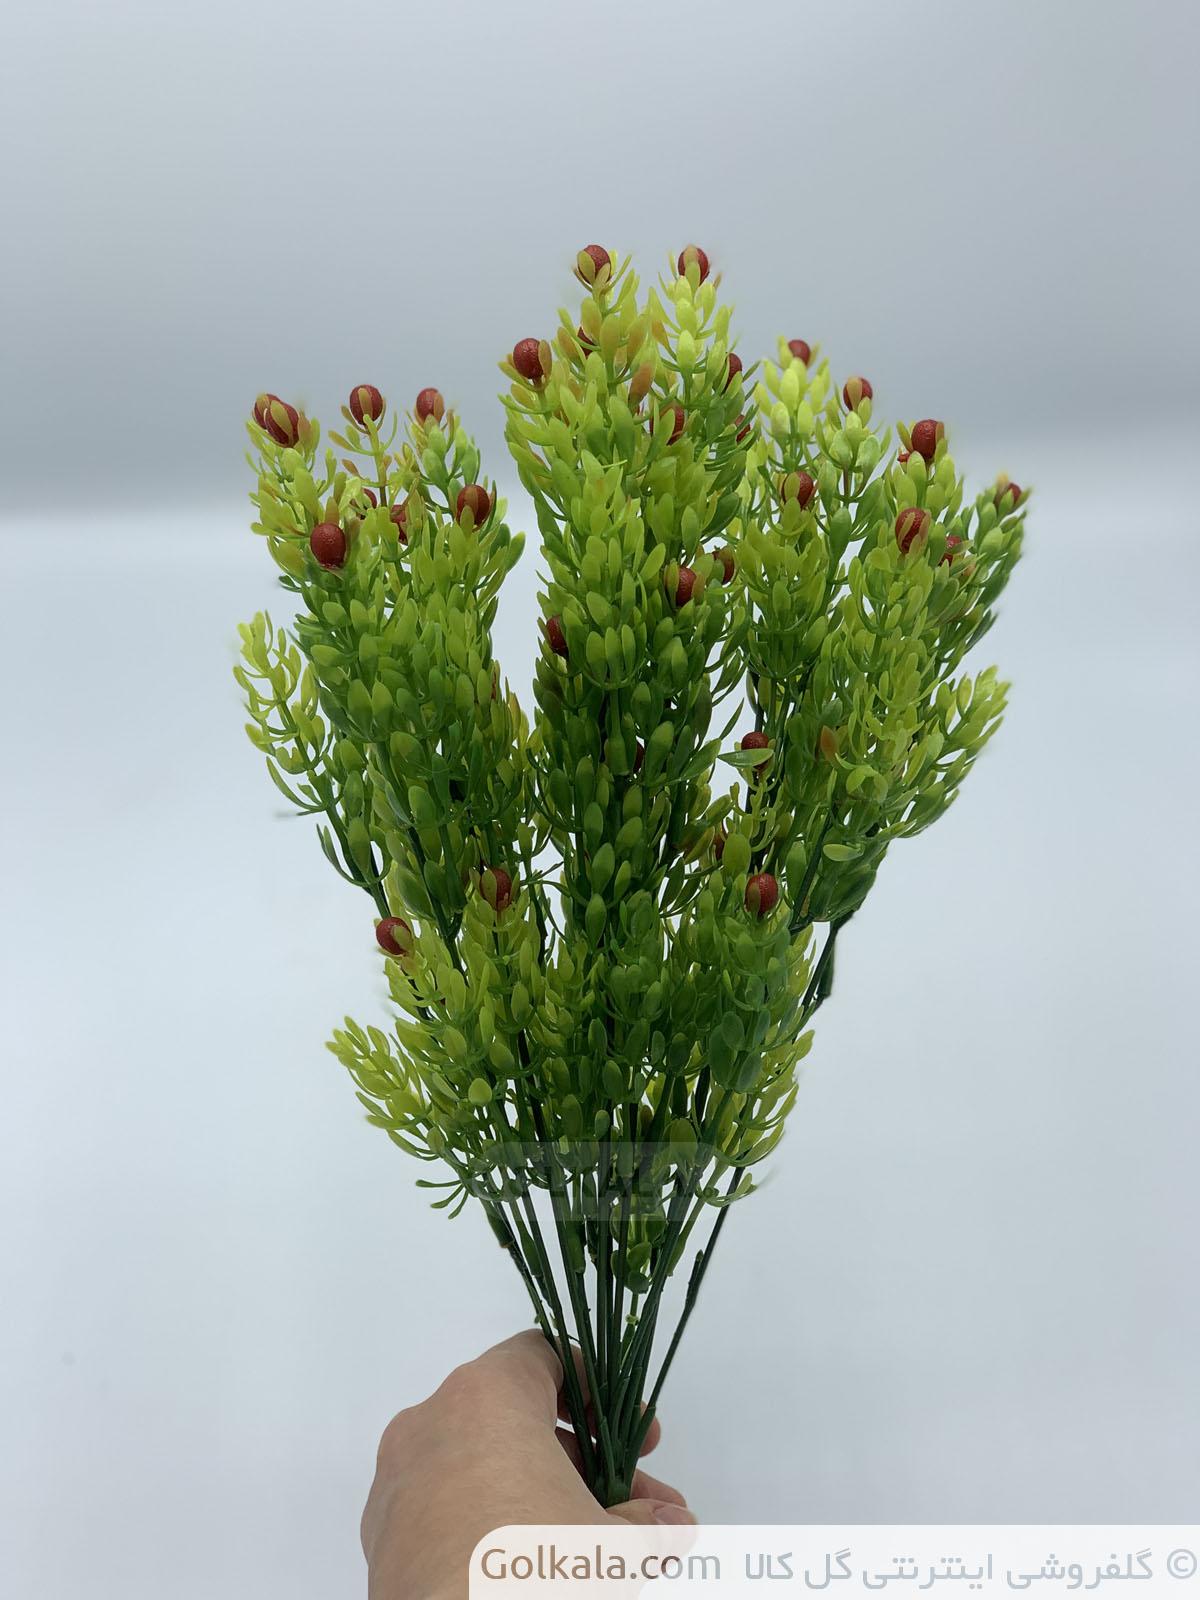 گل فروشی گل کالا, خرید گل مصنوعی, گل و گیاه, گل وگیاه, گیاهان آپارتمانی, گل فروشی آنلاین, پیچک, برگ سبز